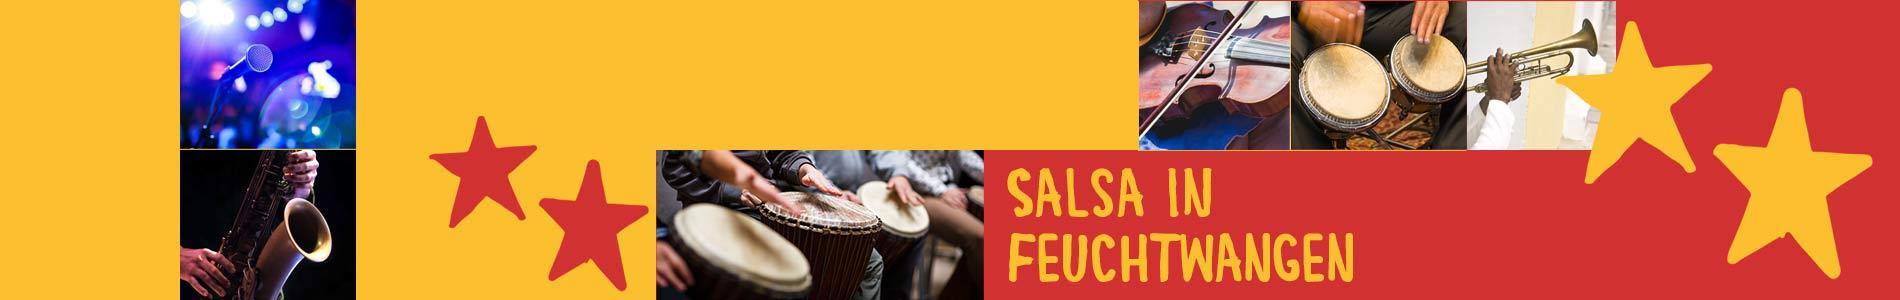 Salsa in Feuchtwangen – Salsa lernen und tanzen, Tanzkurse, Partys, Veranstaltungen